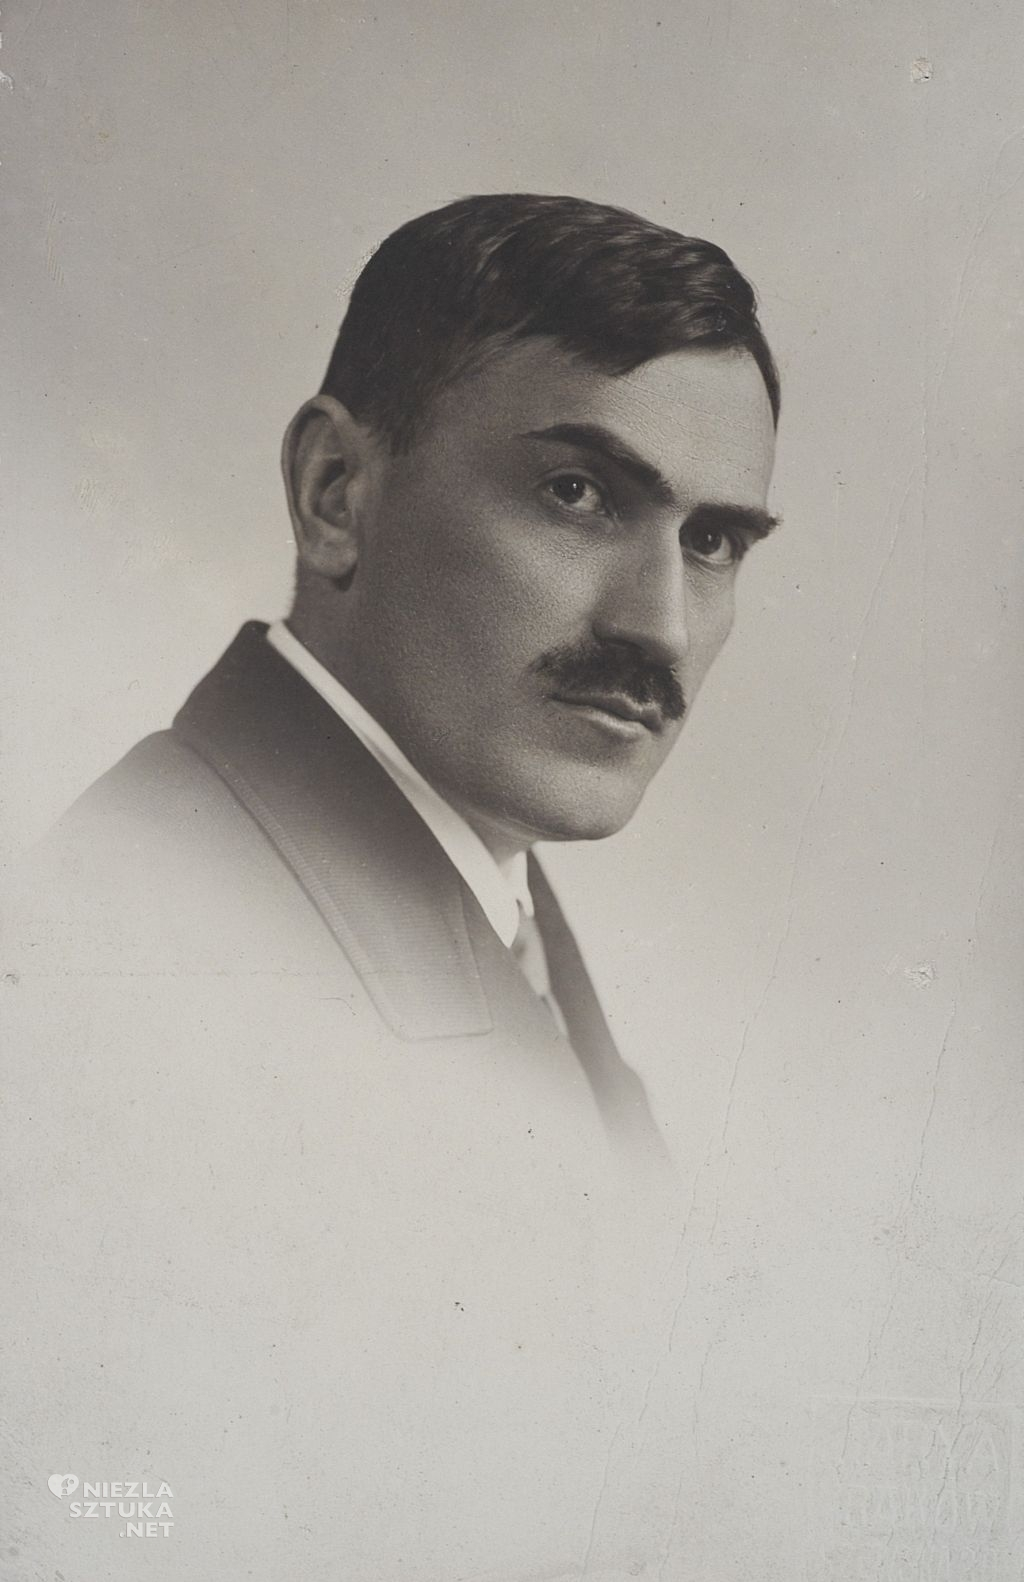 Tadeusz Boy-Żeleński